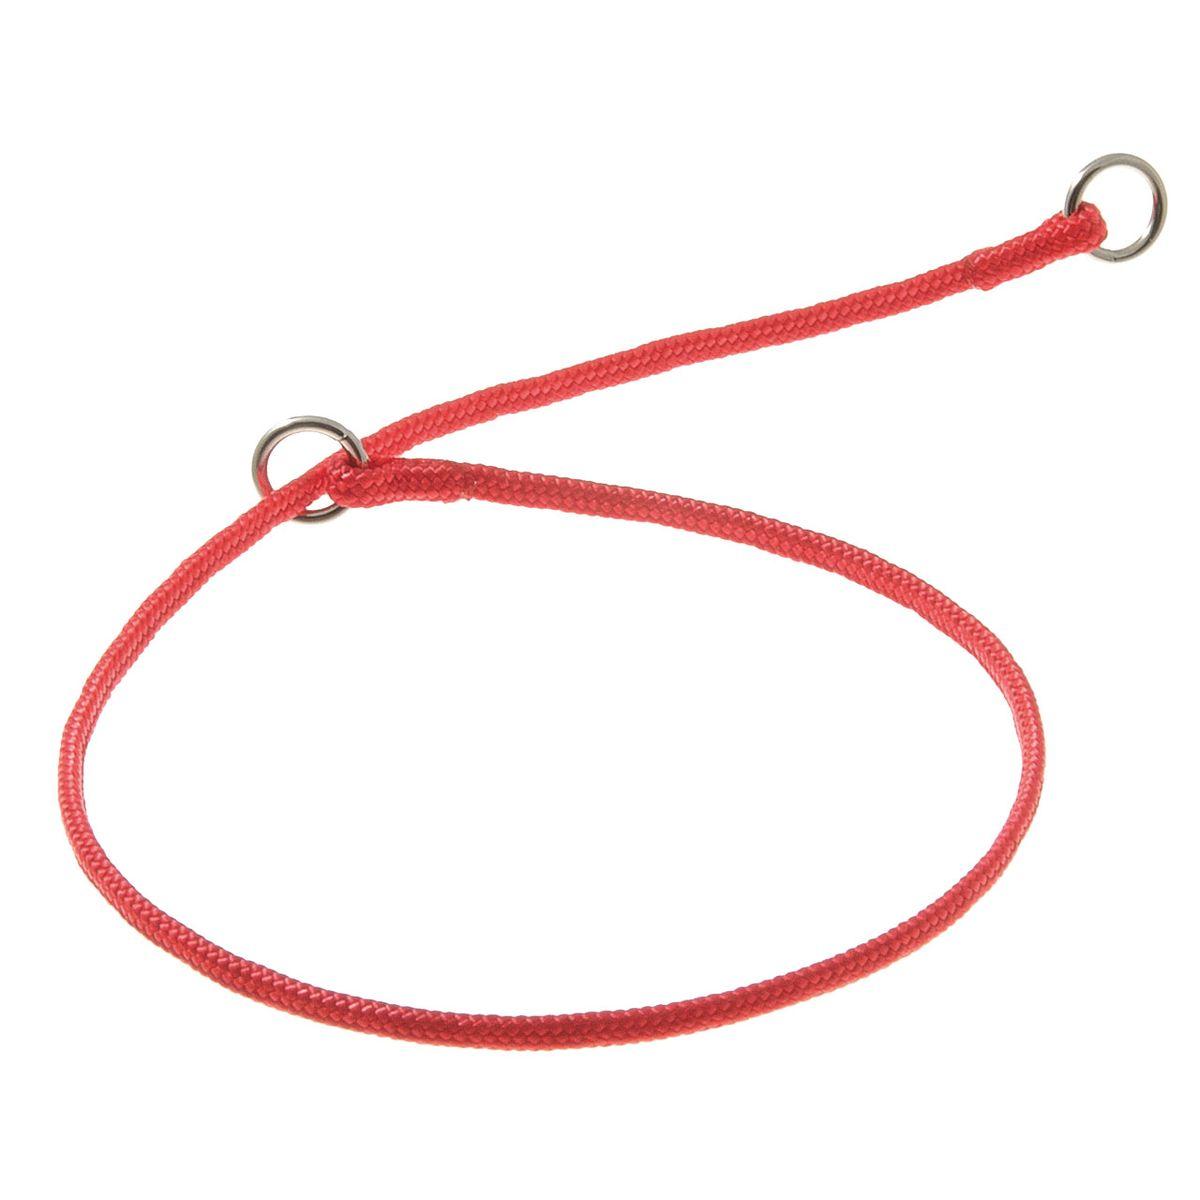 Ошейник для собак V.I.Pet, цвет: красный, диаметр 3 мм, длина 40 см0120710Качественный ошейник V.I.Pet обладает высокой прочностью и прекрасно держит форму. Идеален для длинношерстных пород, так как имеет круглое сечение, шерсть не сминается и не скатывается. Выполняет роль дрессировочного ошейника, с его помощью вы сможете научить питомца командам и корректировать его поведение. Может служить выставочным ошейником.